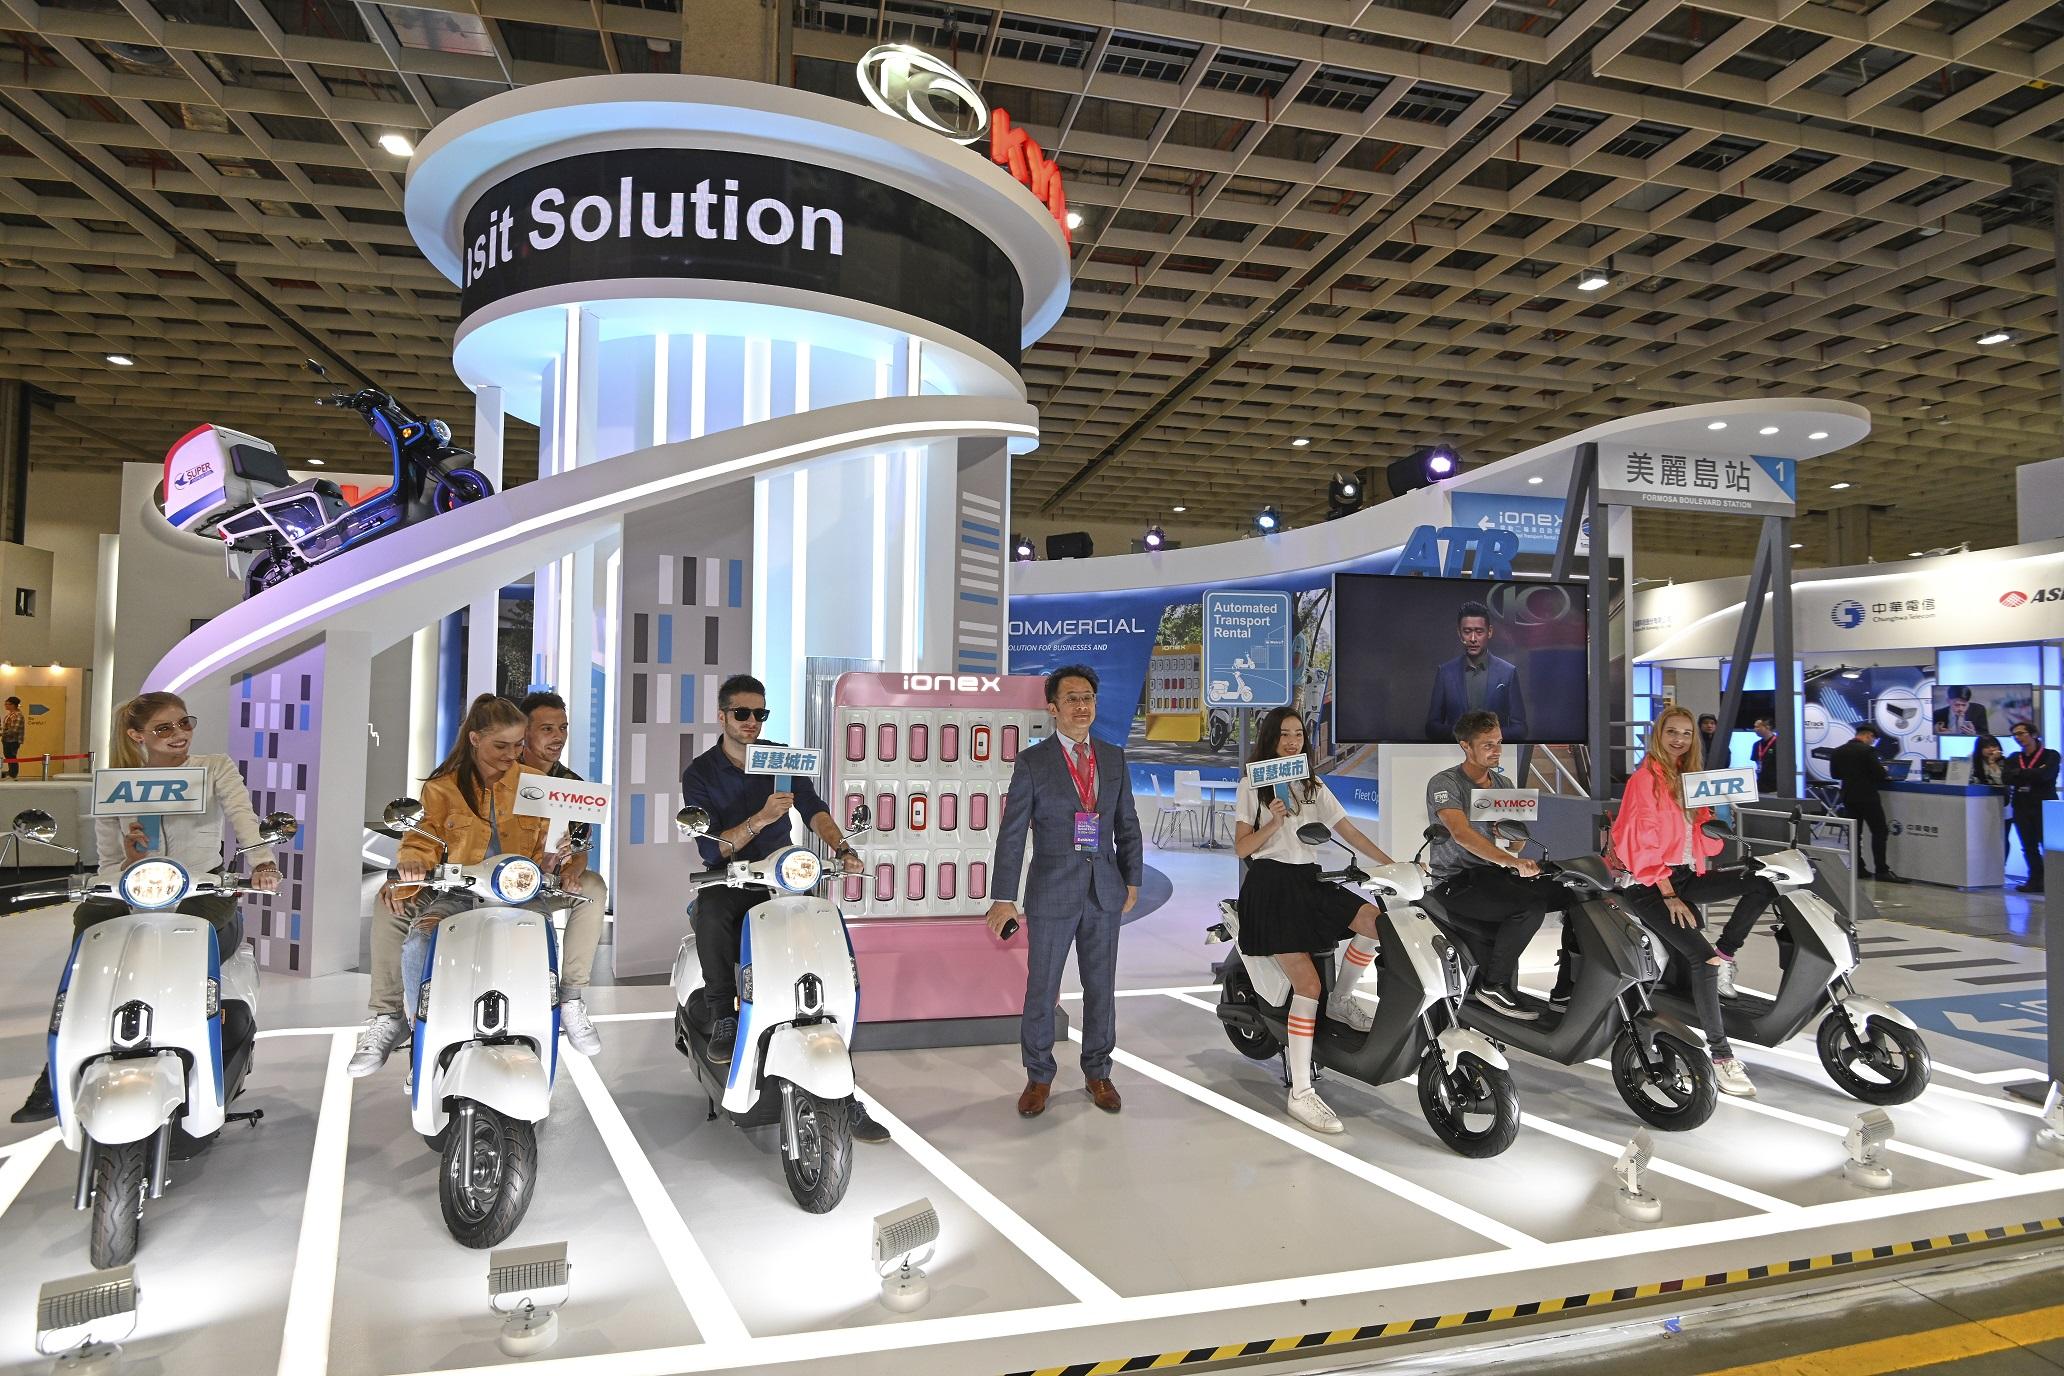 唯一機車業者KYMCO參加  2019智慧城市交通展 Ionex新方案「ATR自助租賃」 全新智慧電動二輪車網絡解決捷運《最後一哩路》